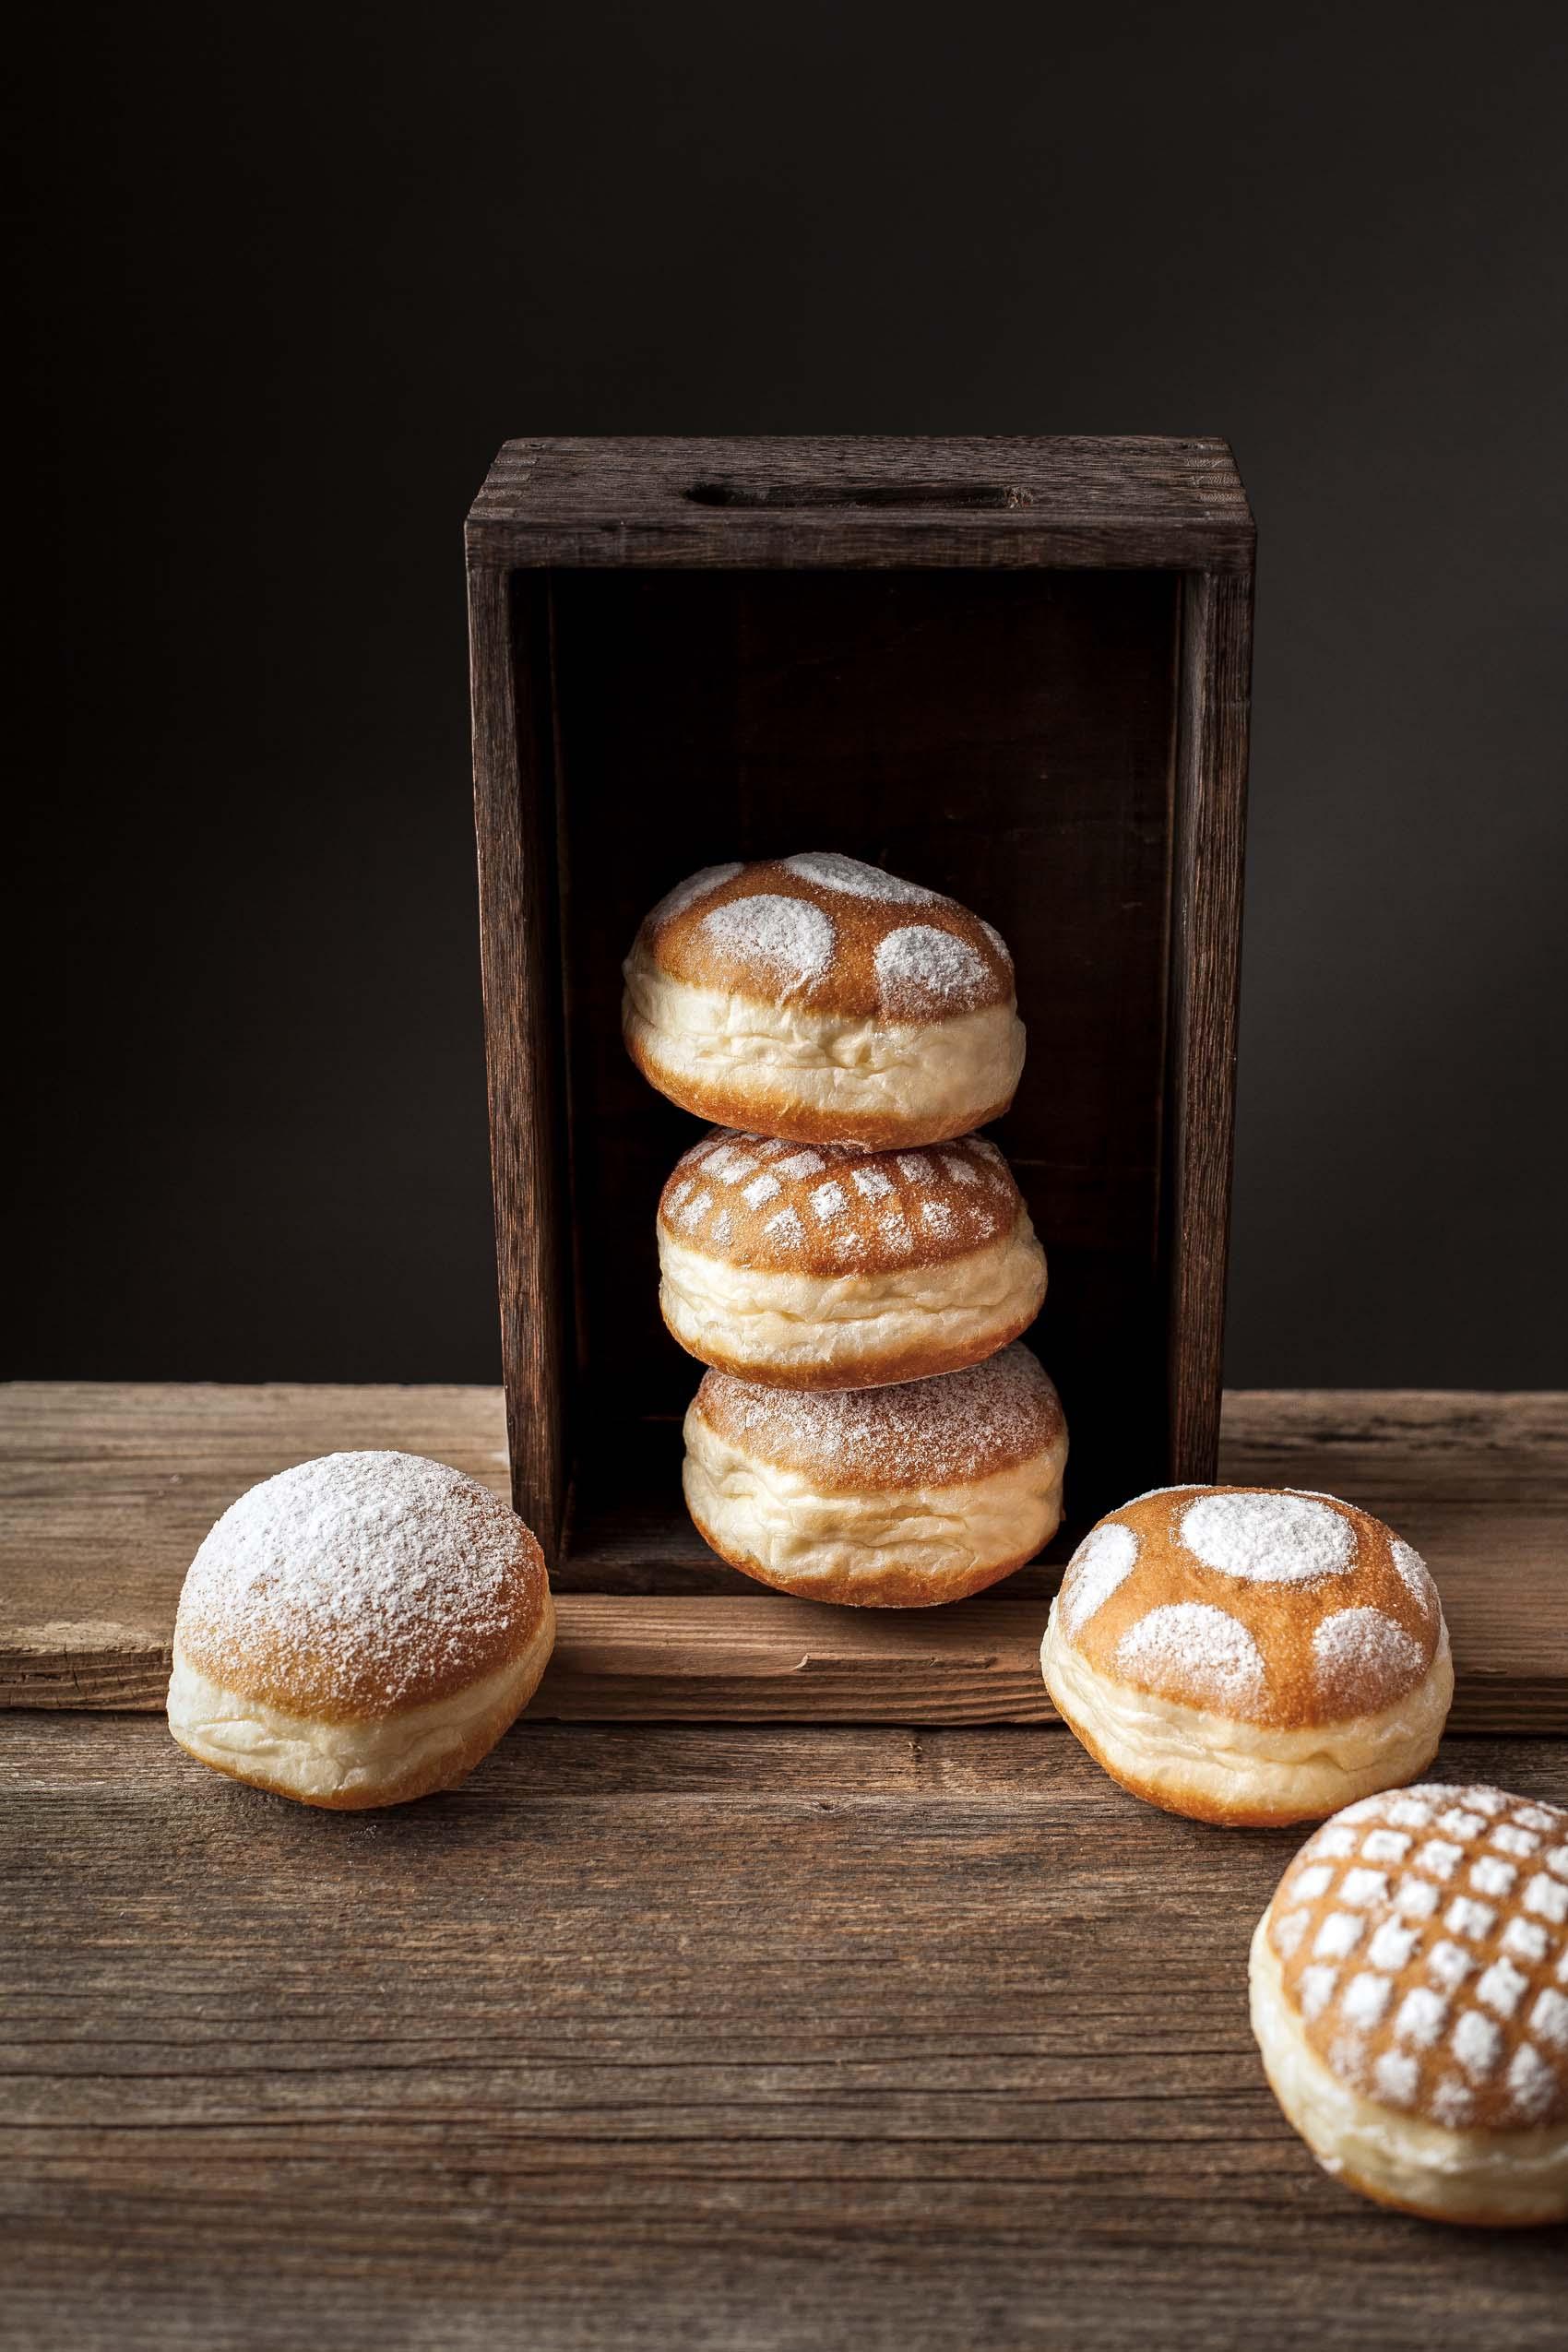 Krapfen mit Marmelade gefüllt, frisch aus der Backstube von Bäckerei Back Mayr